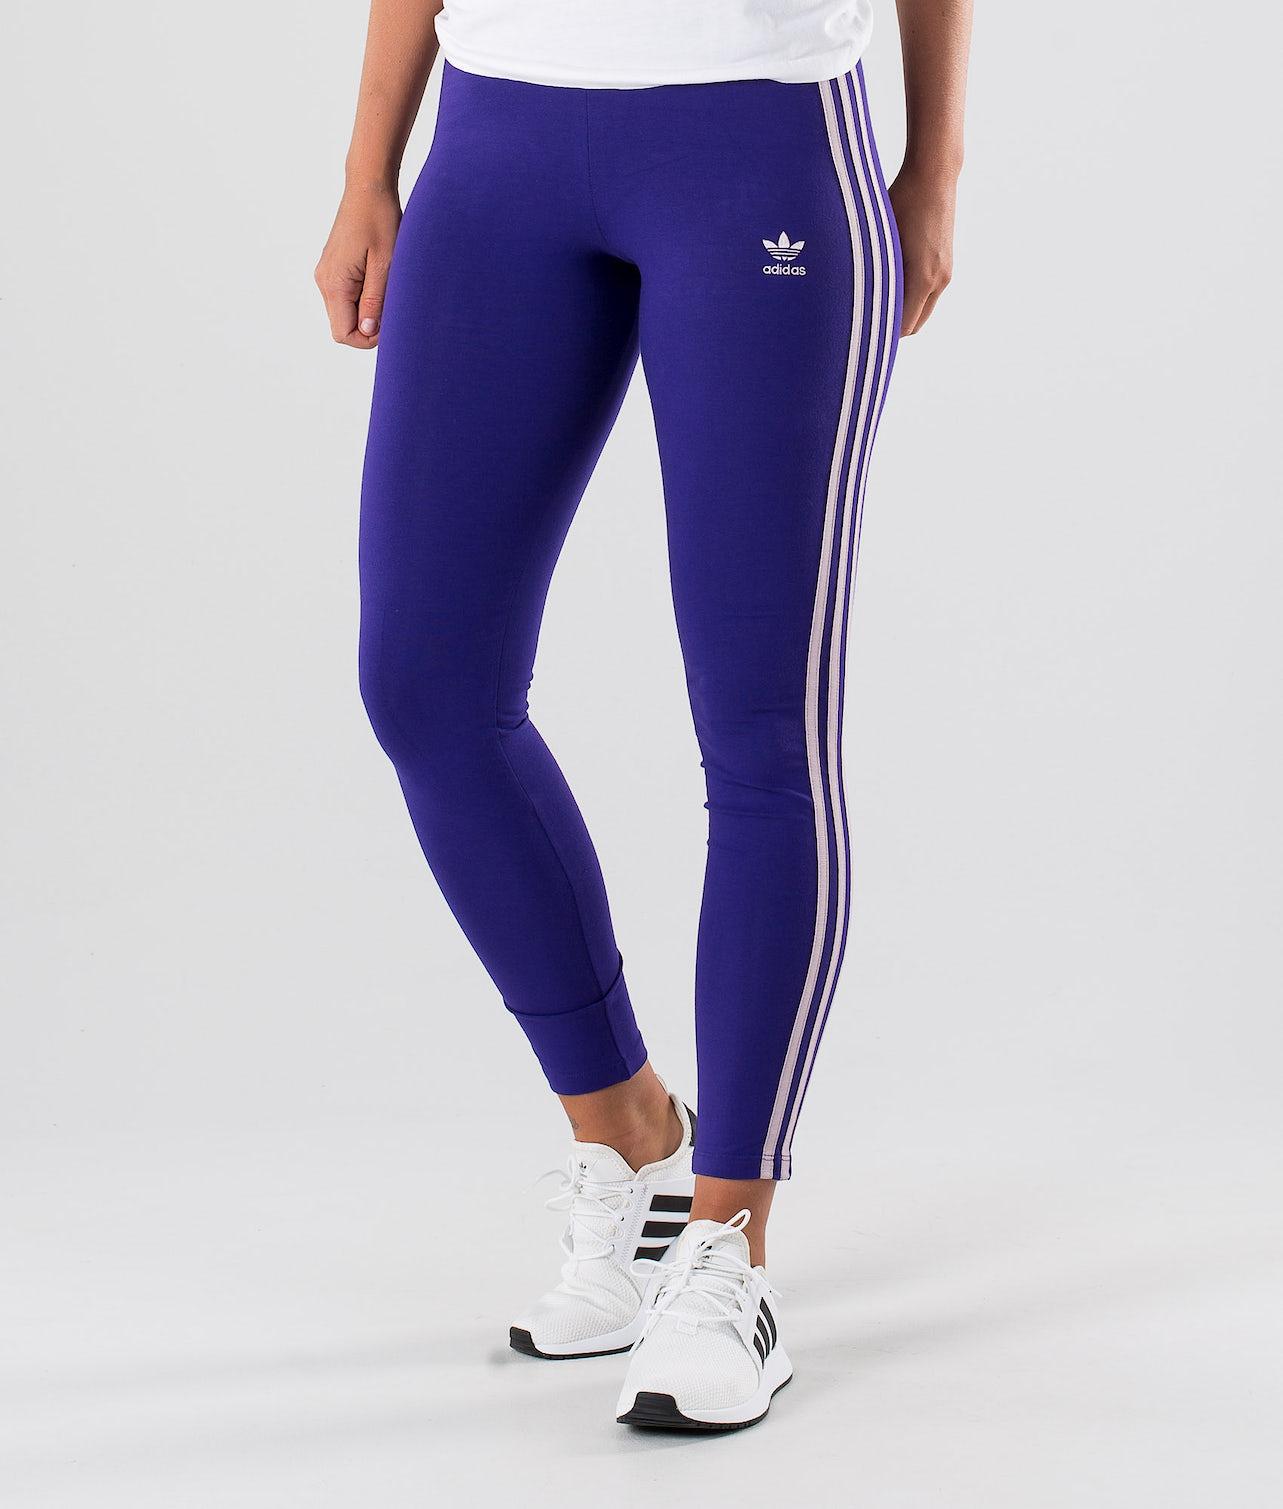 Kjøp 3-Stripes Tight Leggings fra Adidas Originals på Ridestore.no - Hos oss har du alltid fri frakt, fri retur og 30 dagers åpent kjøp!